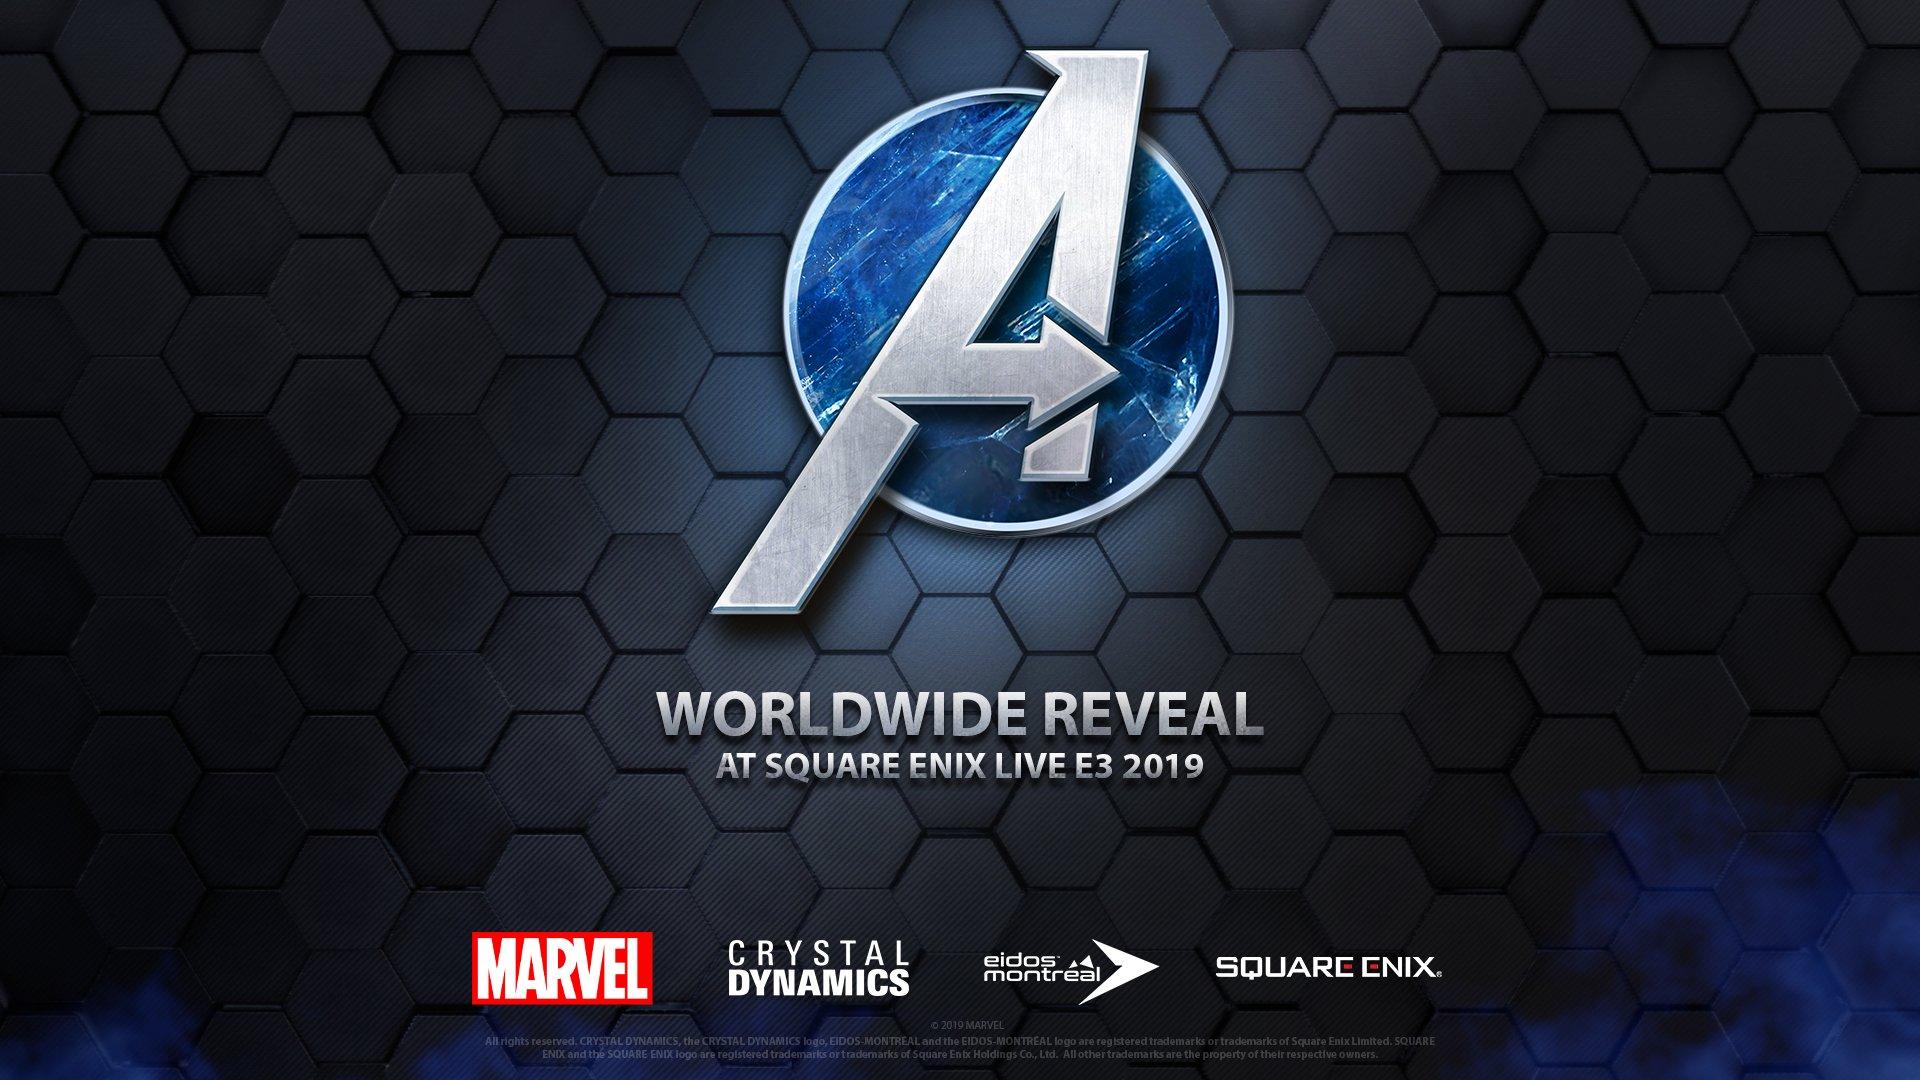 منتظر اطلاعات جدیدی از بازی Avengers در E3 2019 باشید